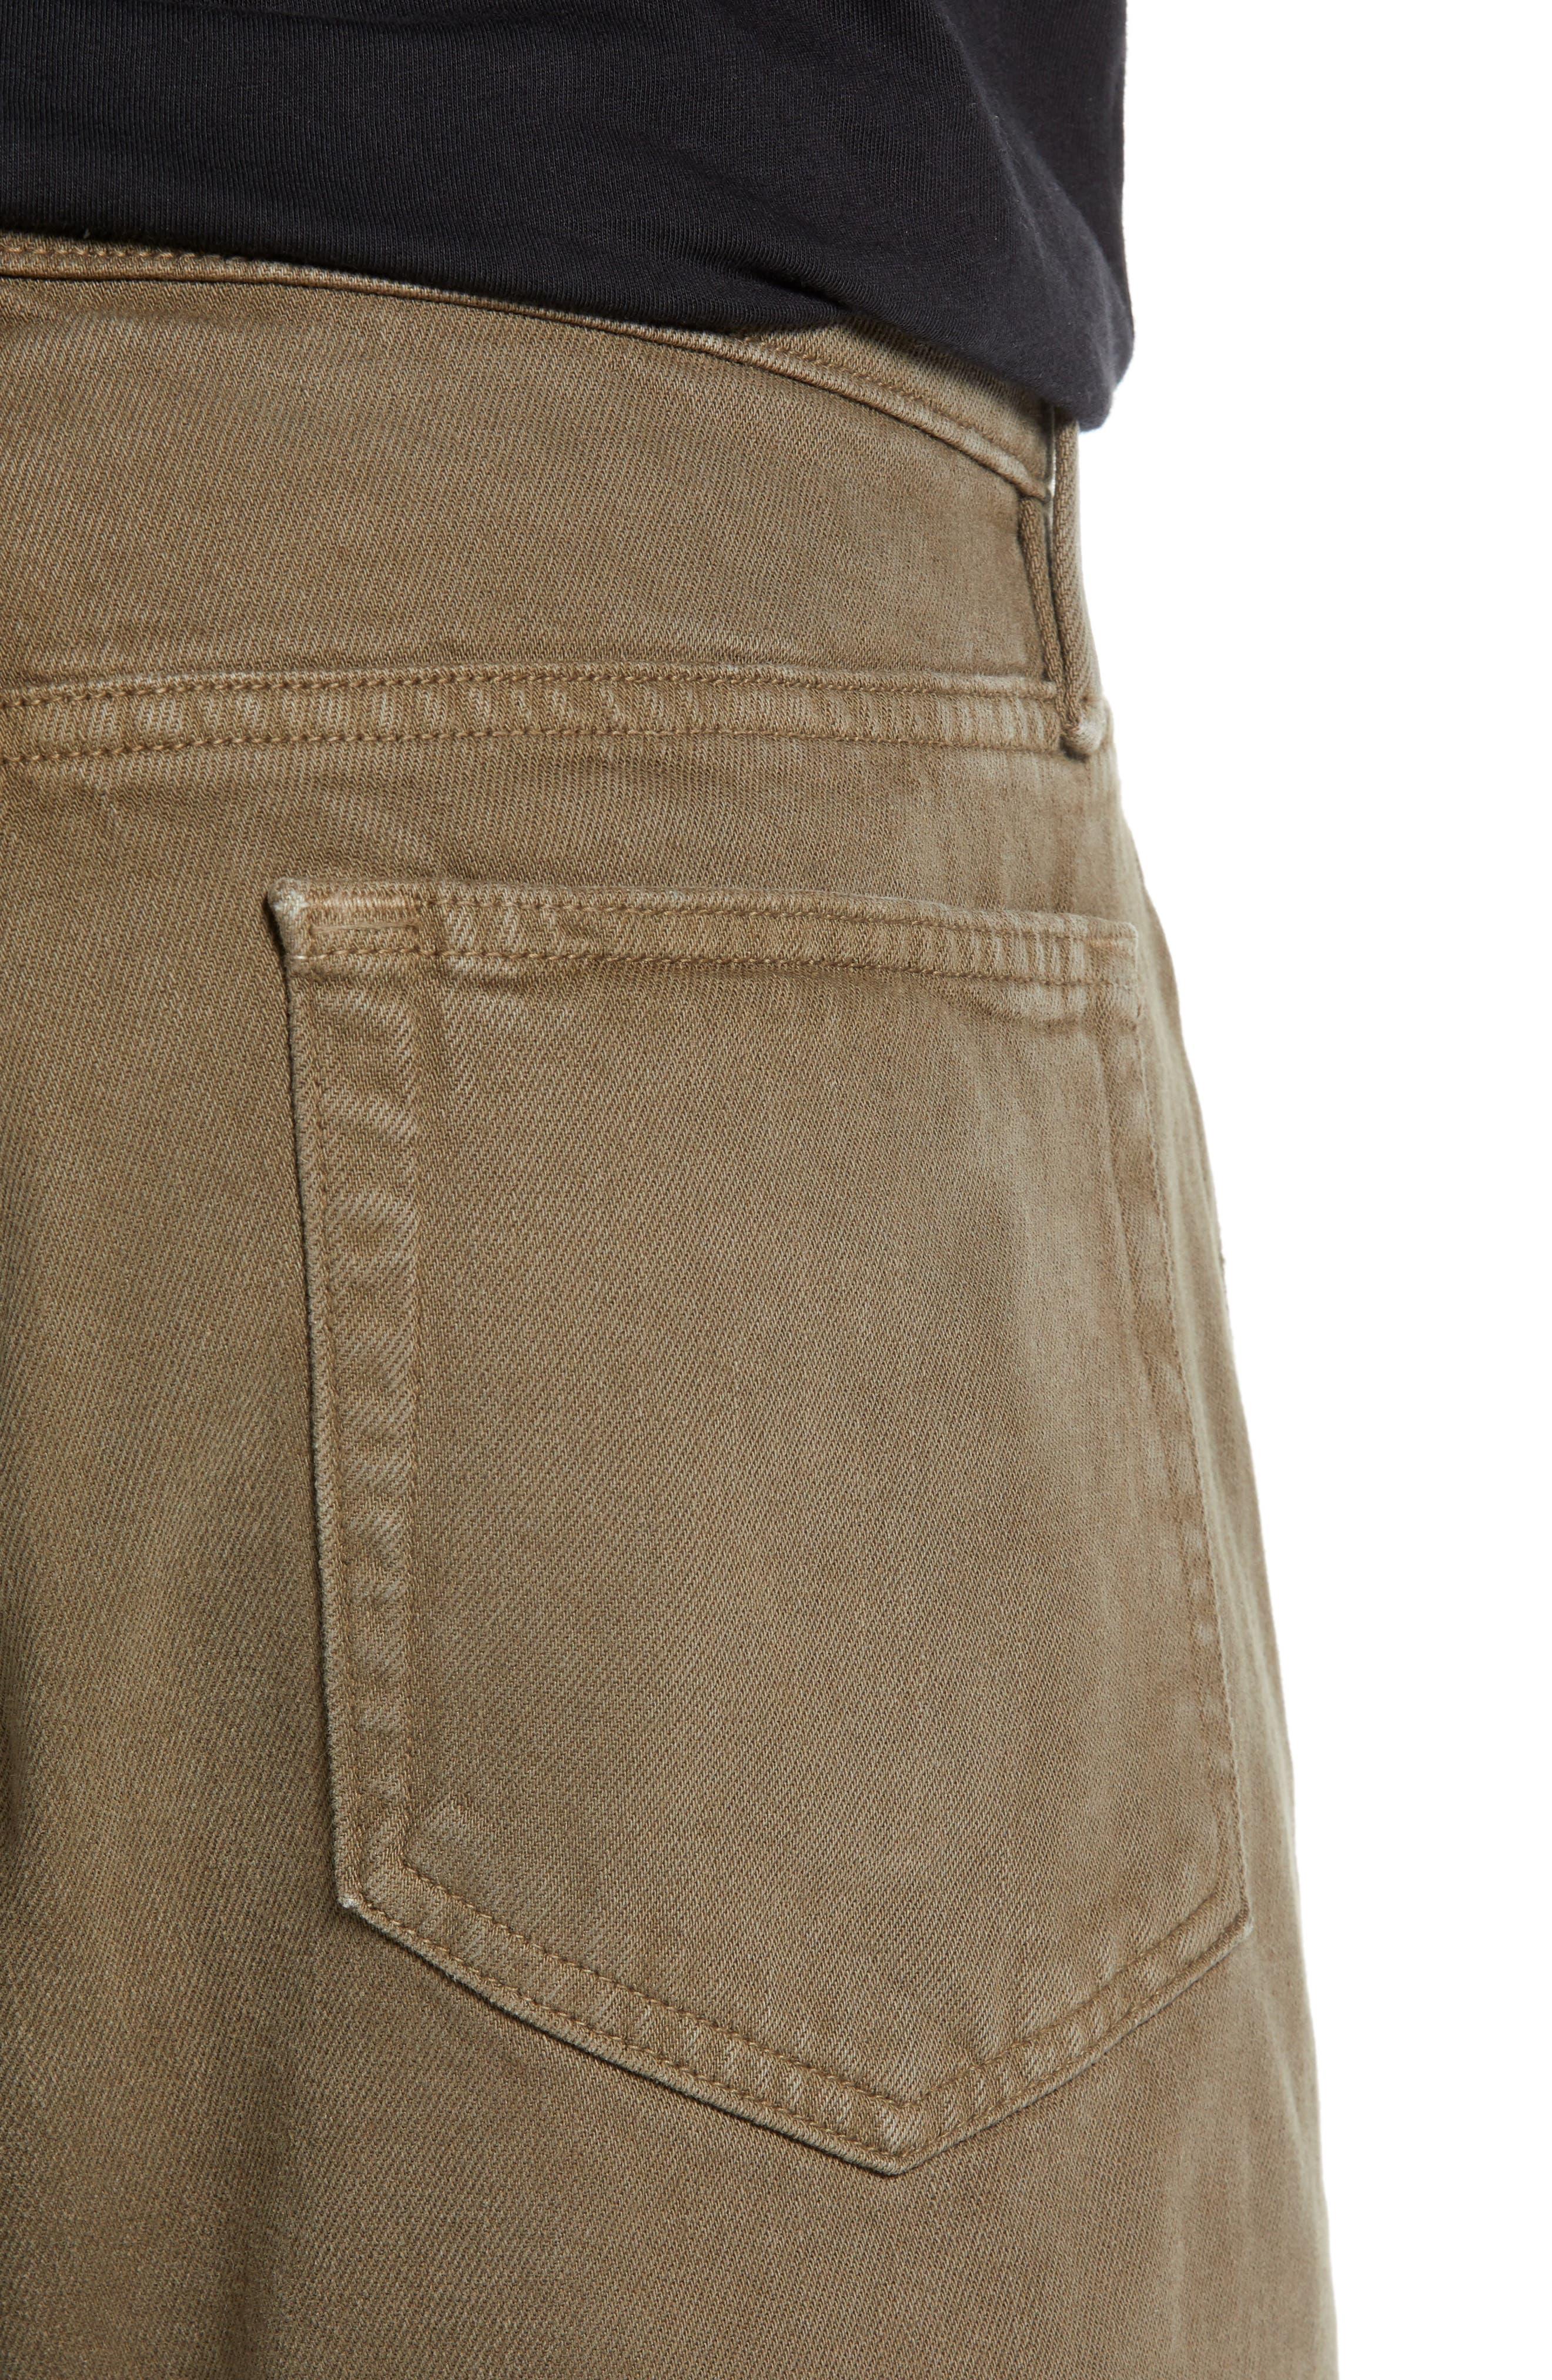 L'Homme Slim Fit Jeans,                             Alternate thumbnail 4, color,                             CORIANDER